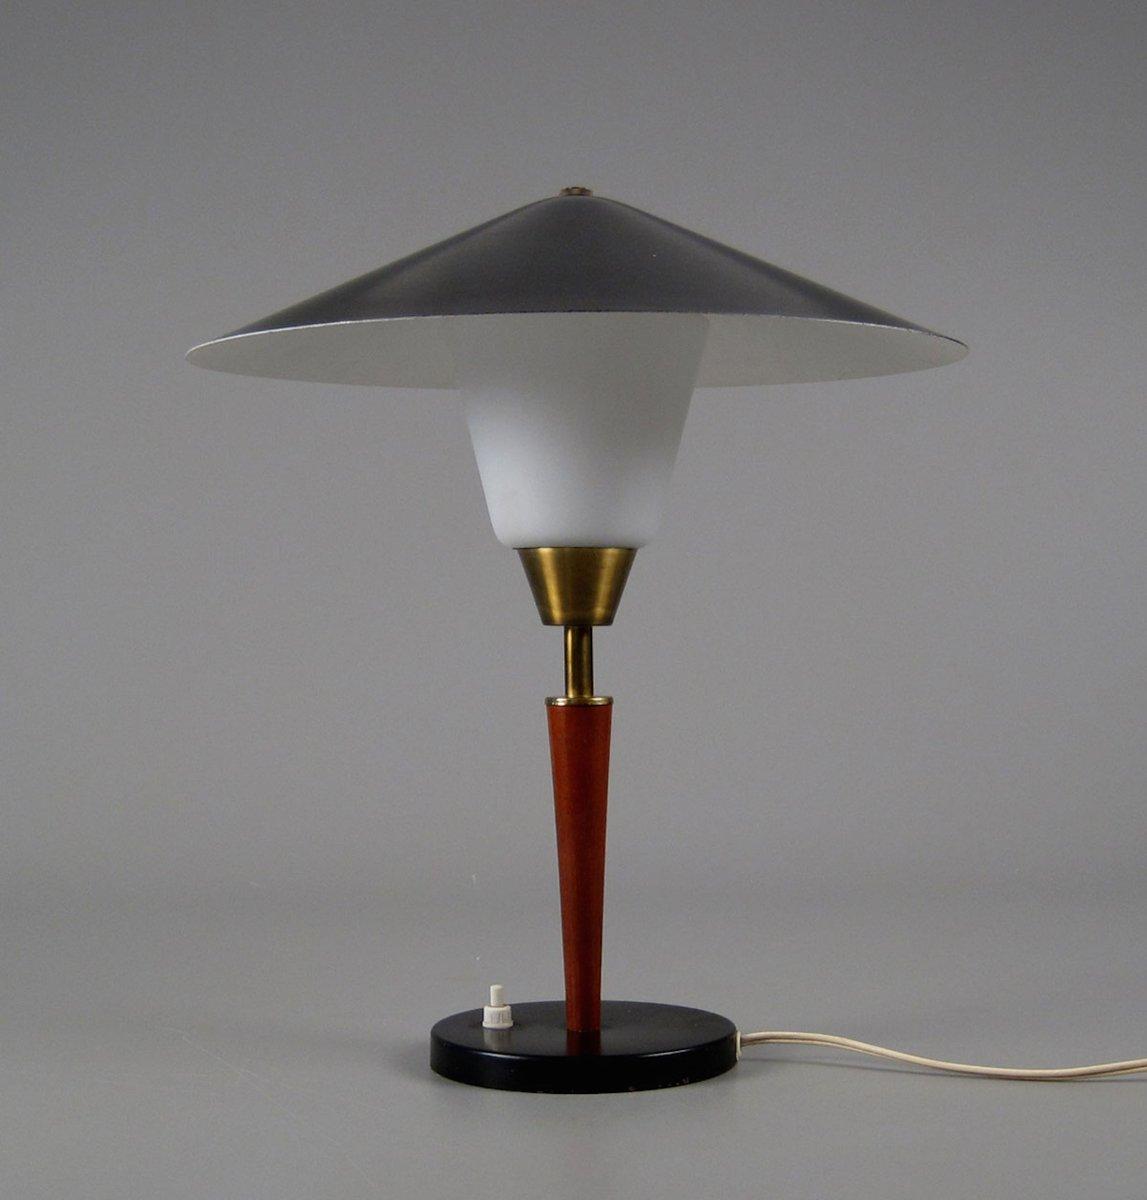 Dänische Tischlampe aus Teak, Messing & Opalglas von Fog & Mørup, 1950...